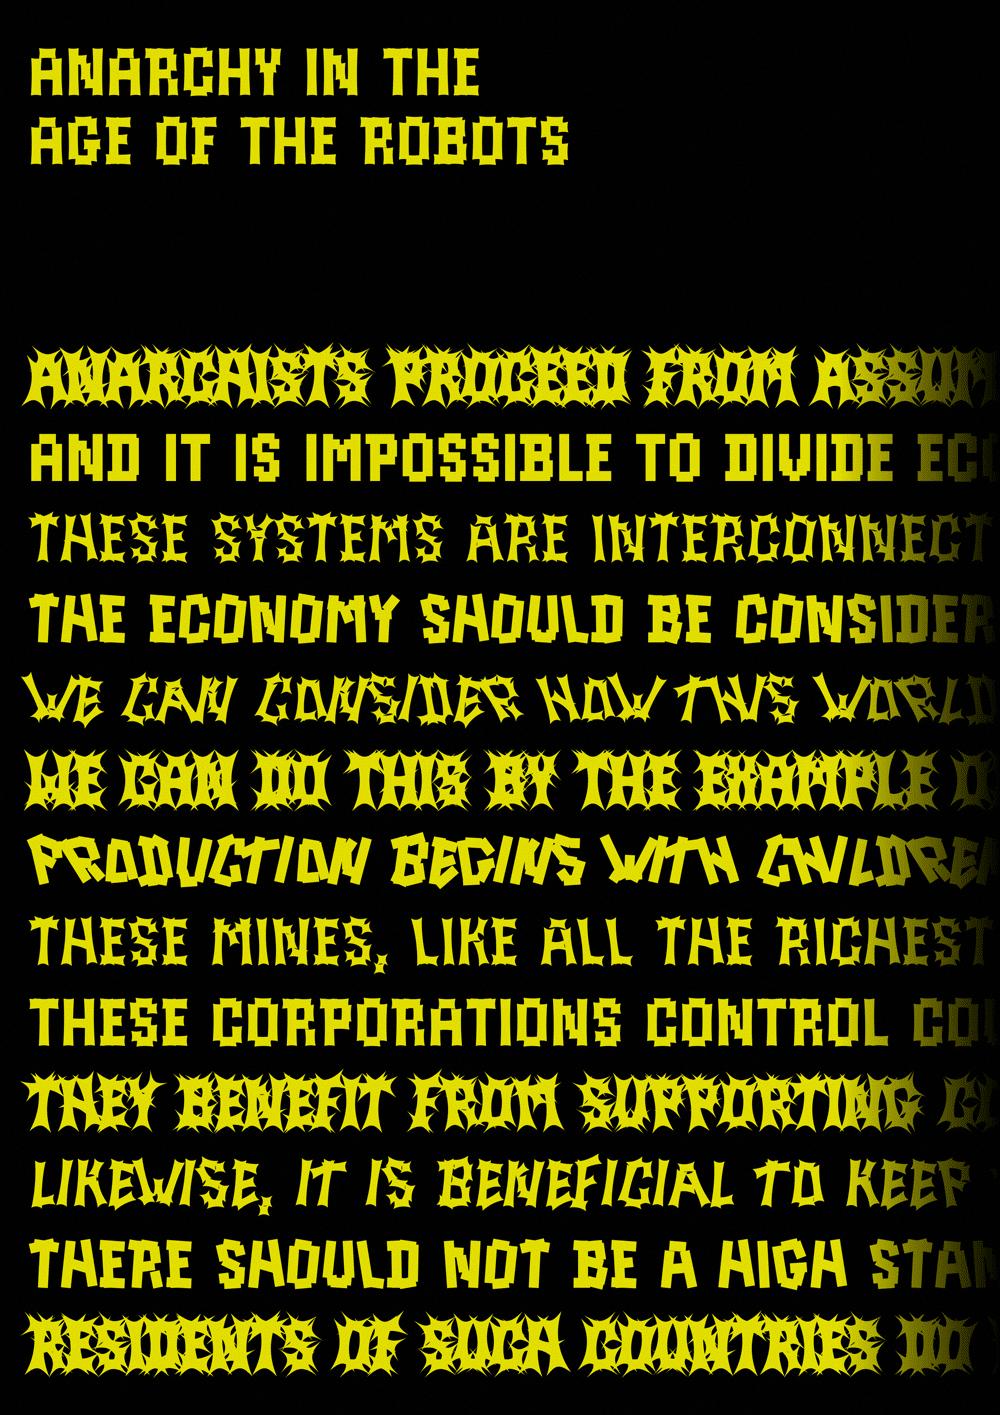 Nachwuchs 0621 ManifestAnarchy in the Age of Robots